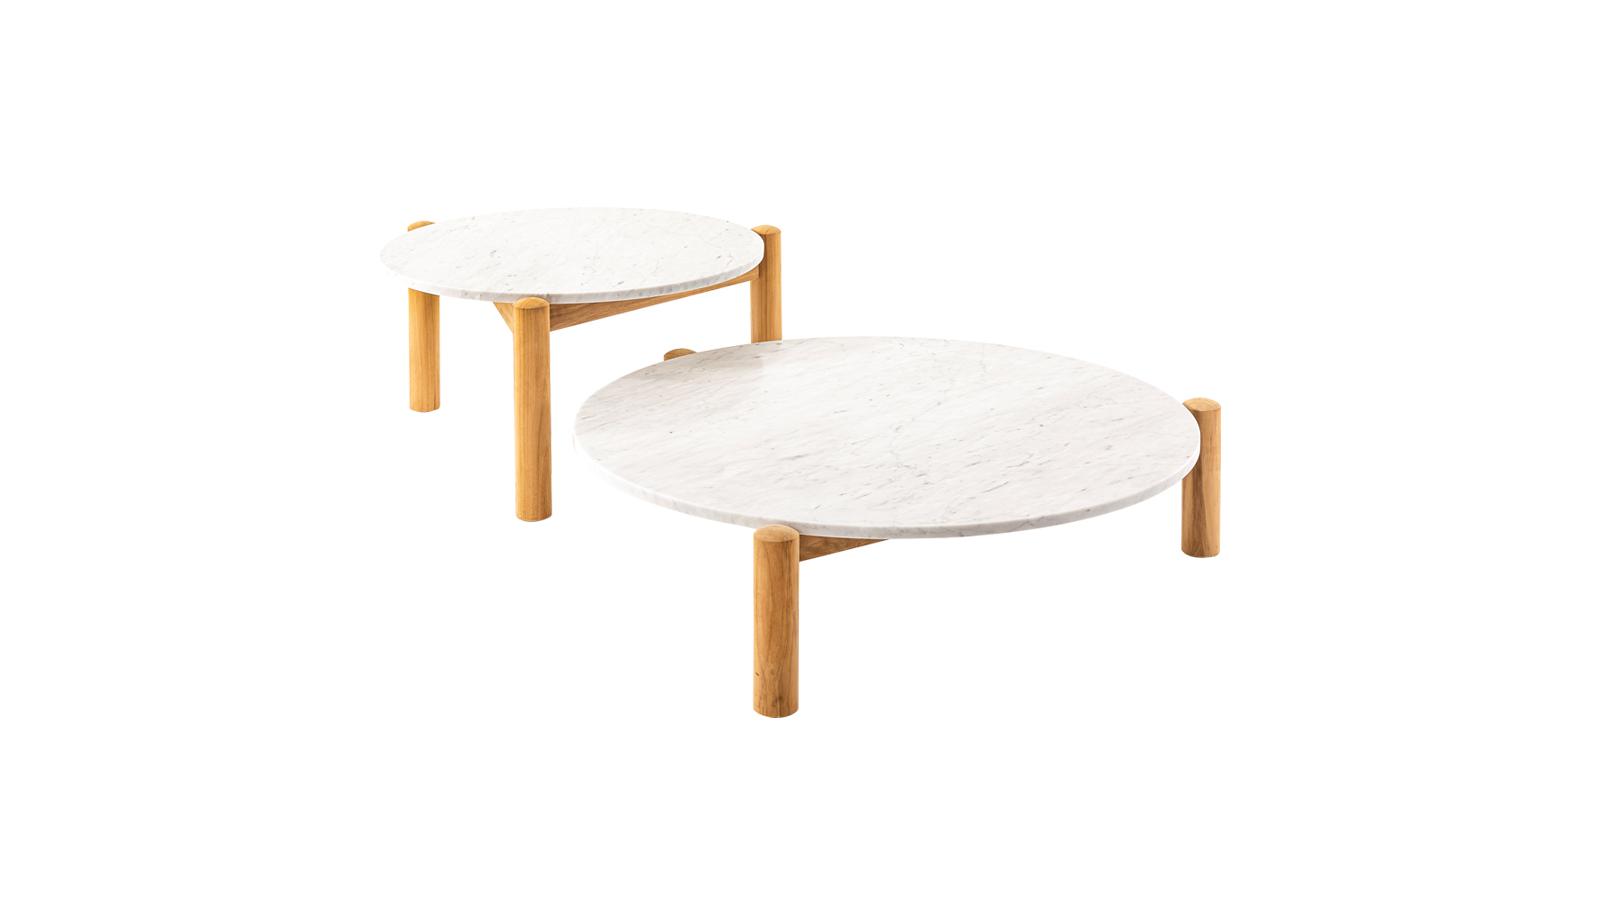 Japán formák, variálhatóság és könnyedség: a Cassina I Maestri kollekciójának e darabja, a Table a Plateau Interchangeable asztal a kültéri pillanatokat teszi még teljesebbé. Az eredetileg 1937-ben, Charlotte Perriand által tervezett darab két méretben, teakfa szerkezettel és márvány asztallappal kapható.